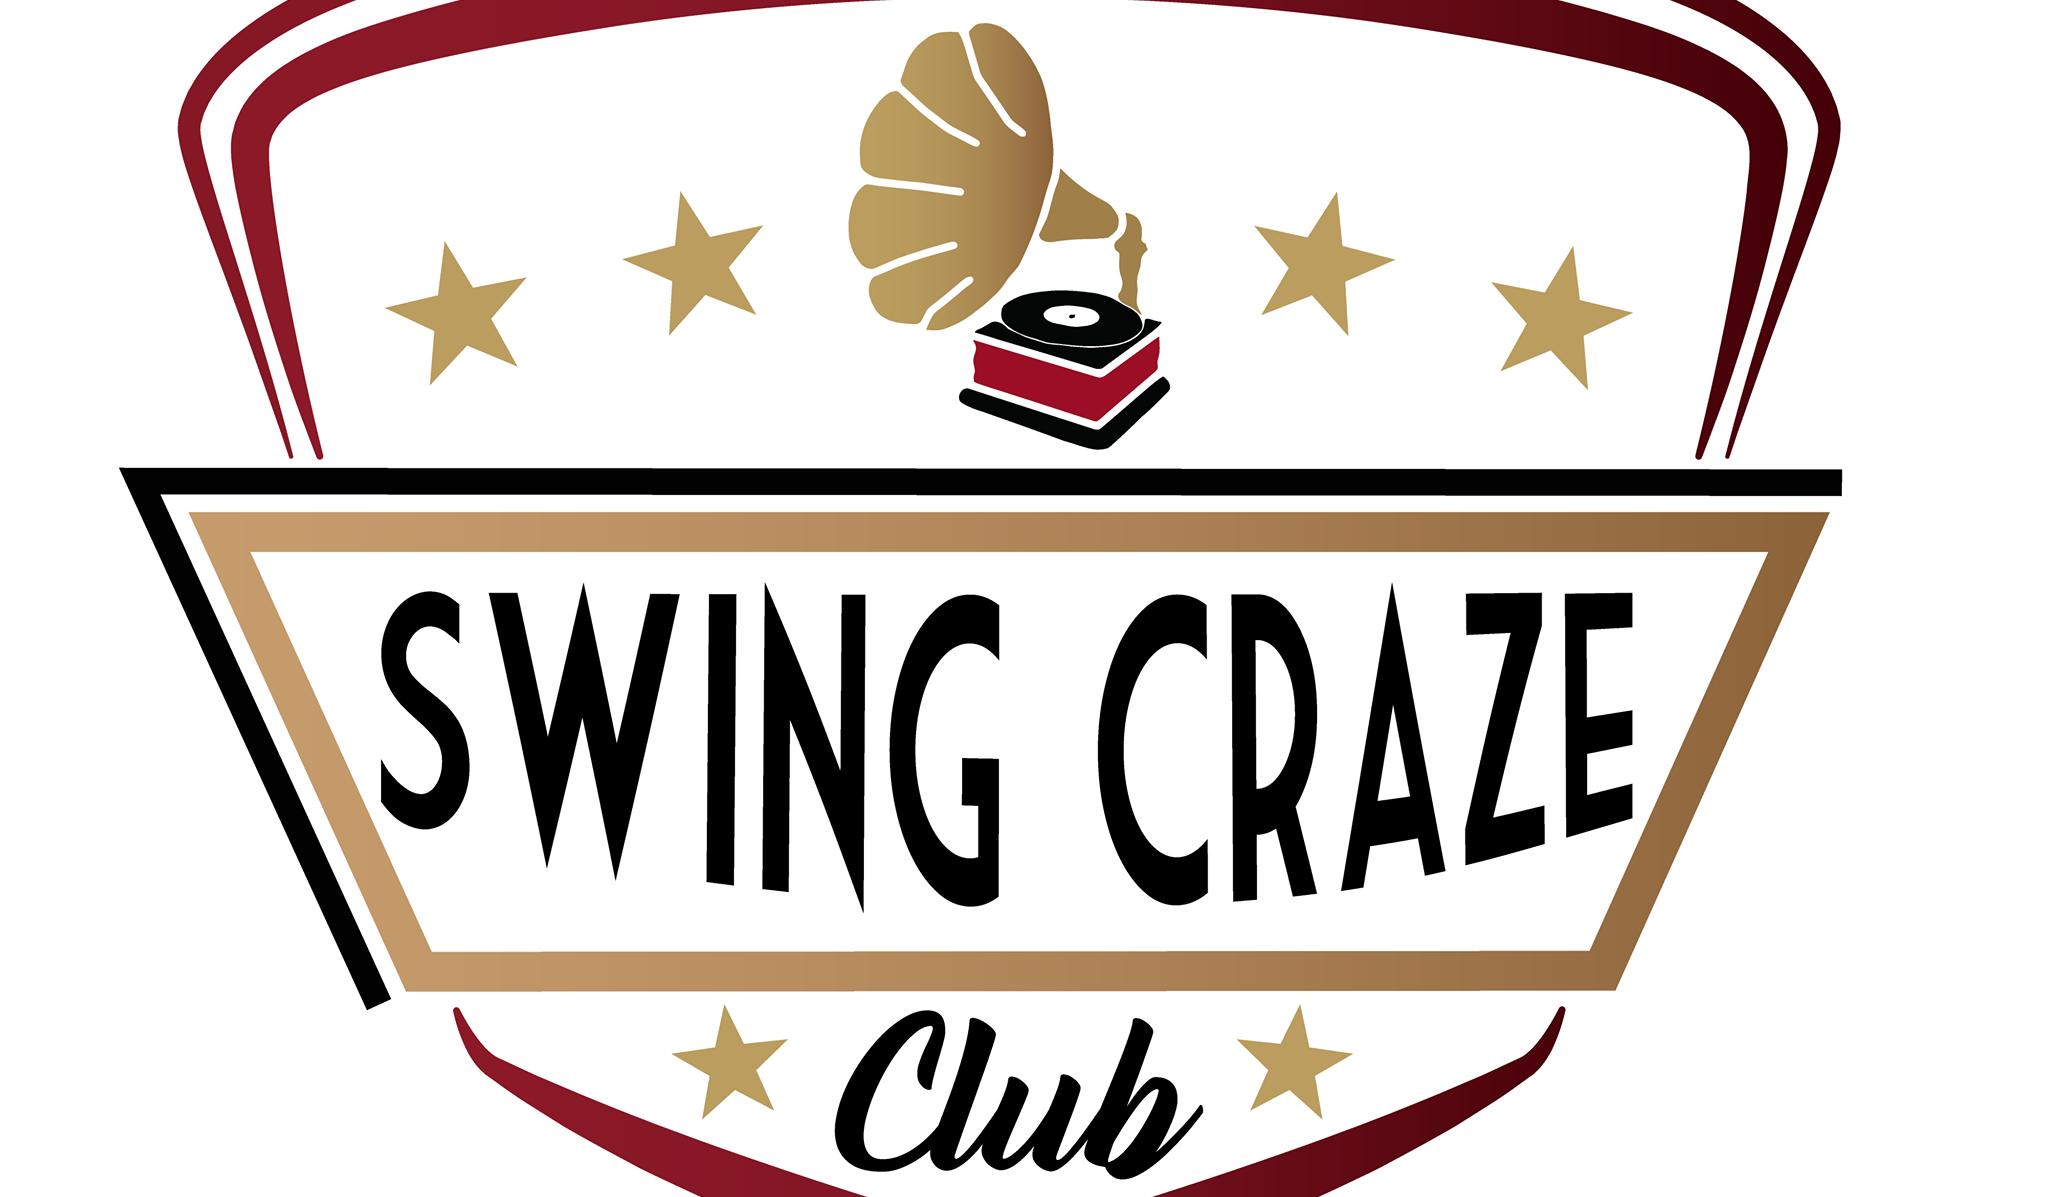 Swing Crazy Club